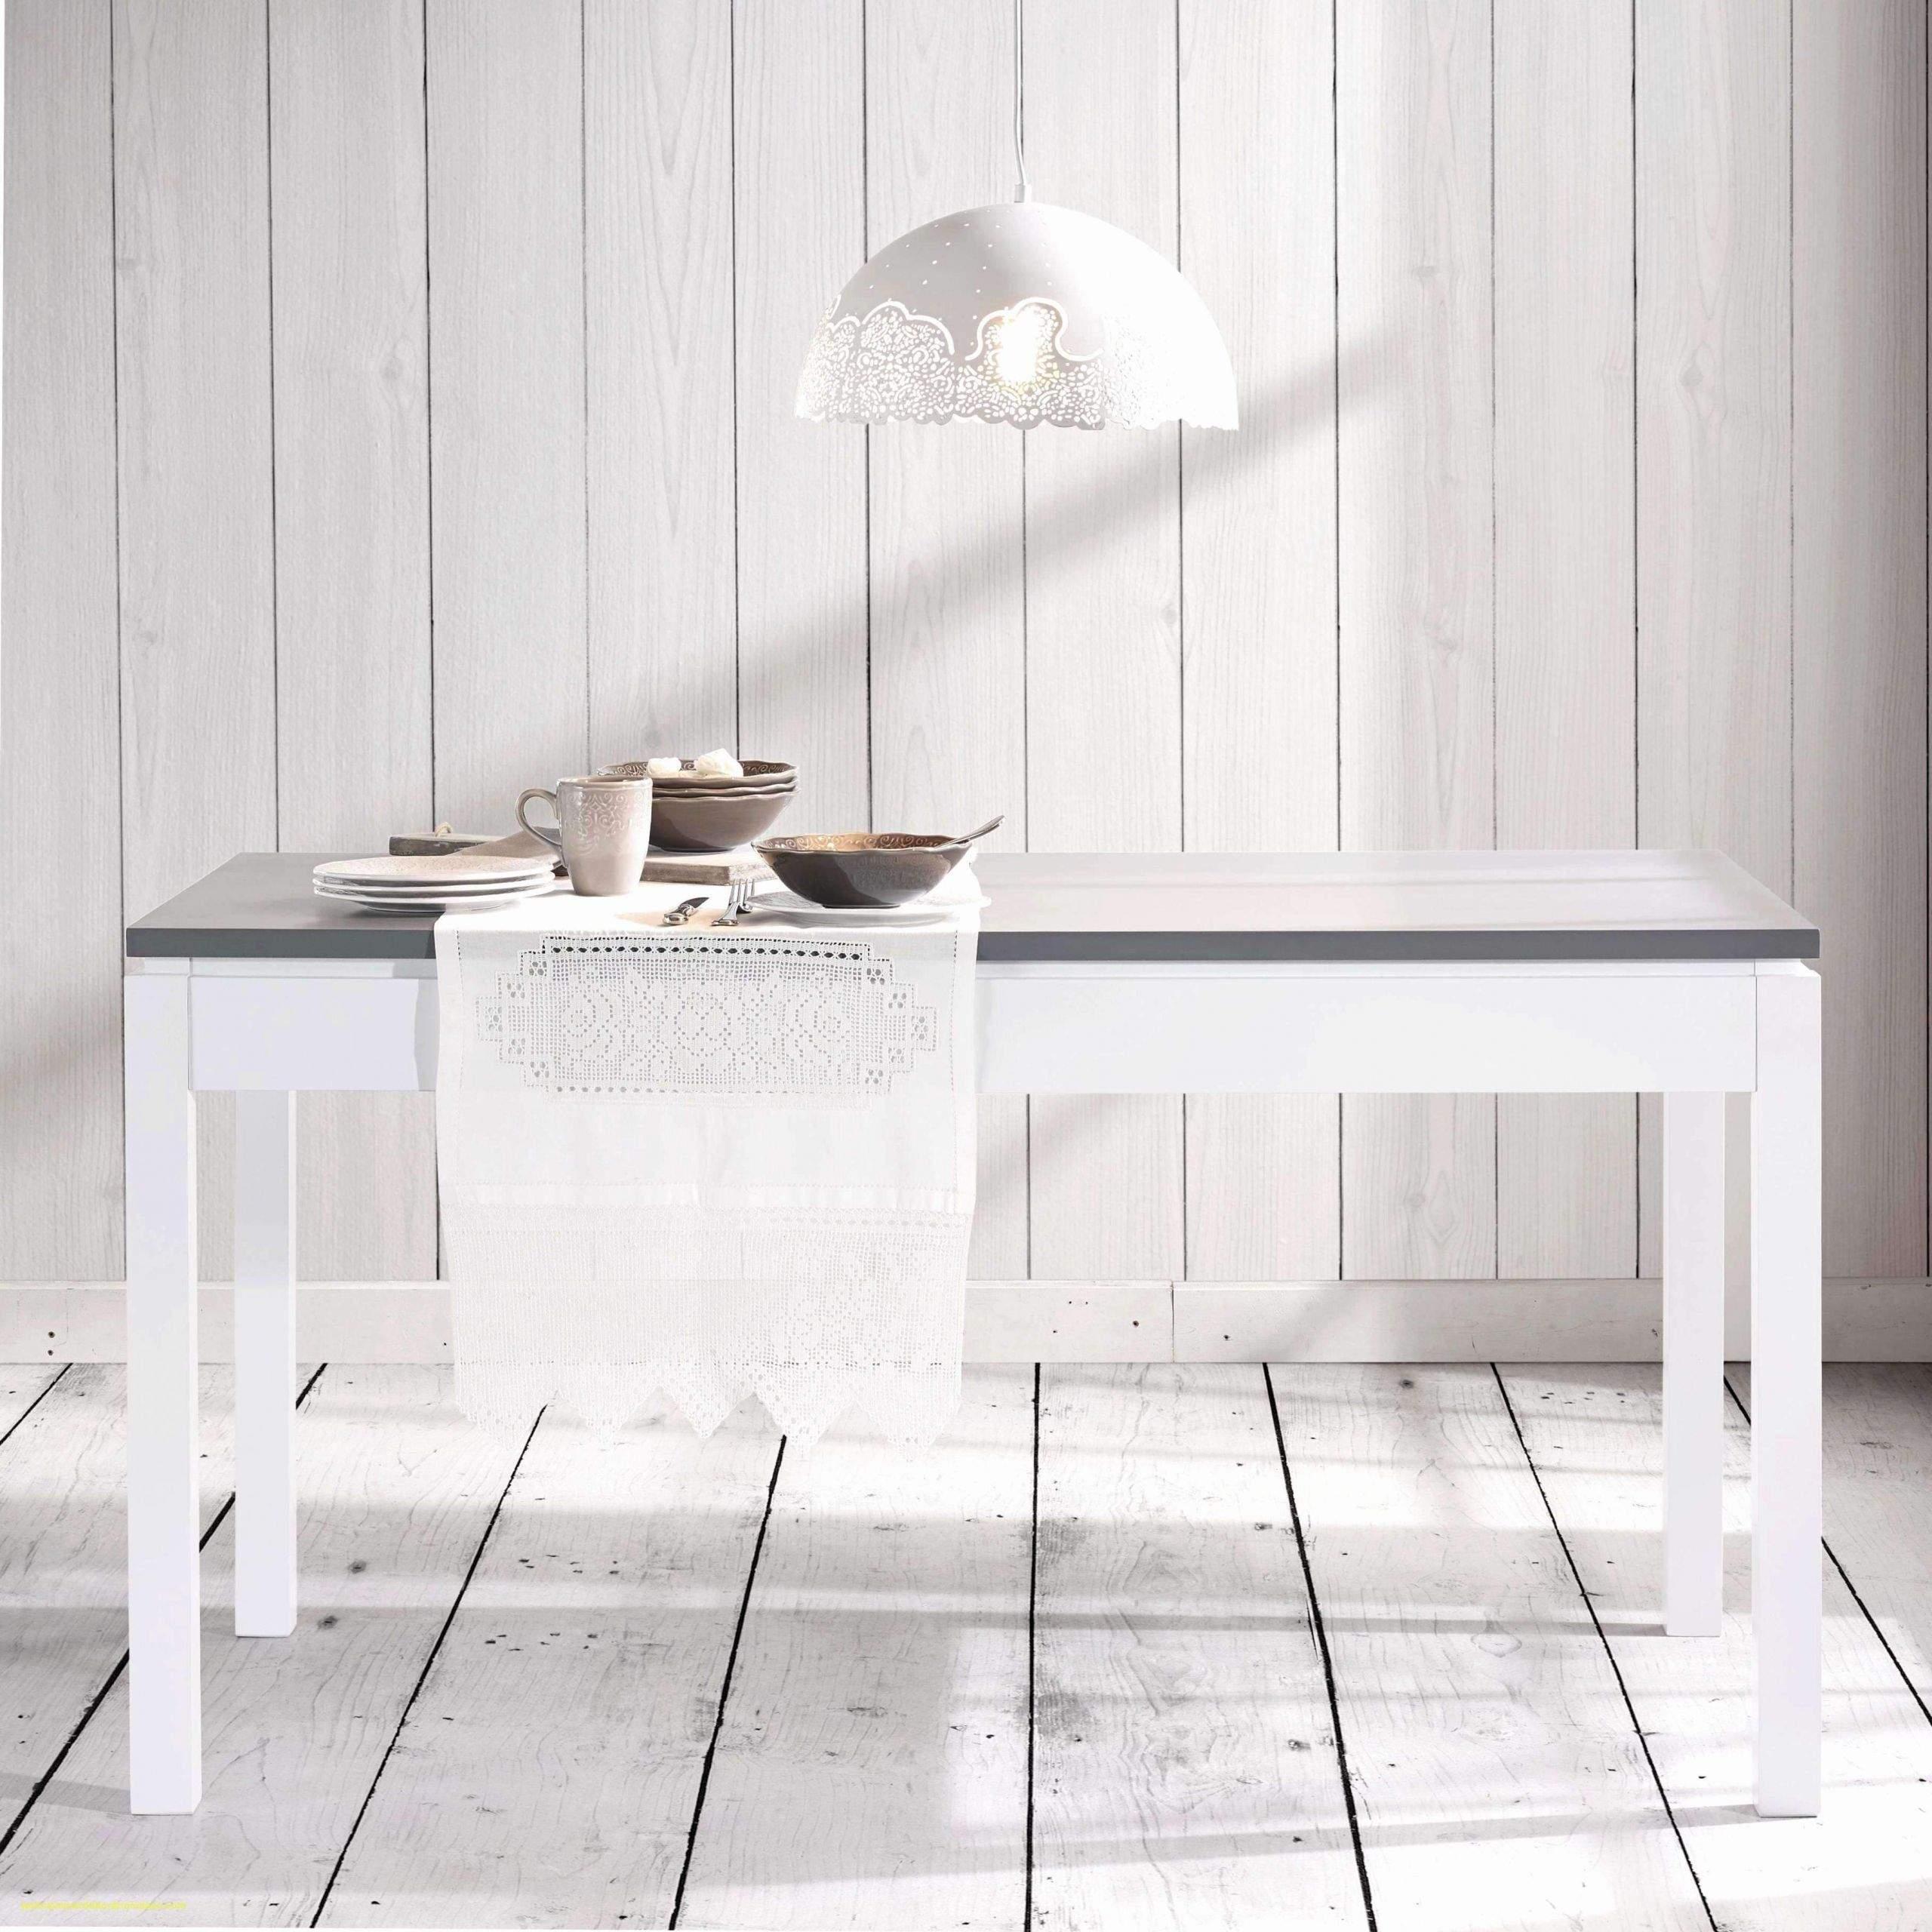 wohnzimmer ideen fur kleine raume genial wohnzimmer pflanze gros luxus 42 schon baume als sichtschutz of wohnzimmer ideen fur kleine raume scaled